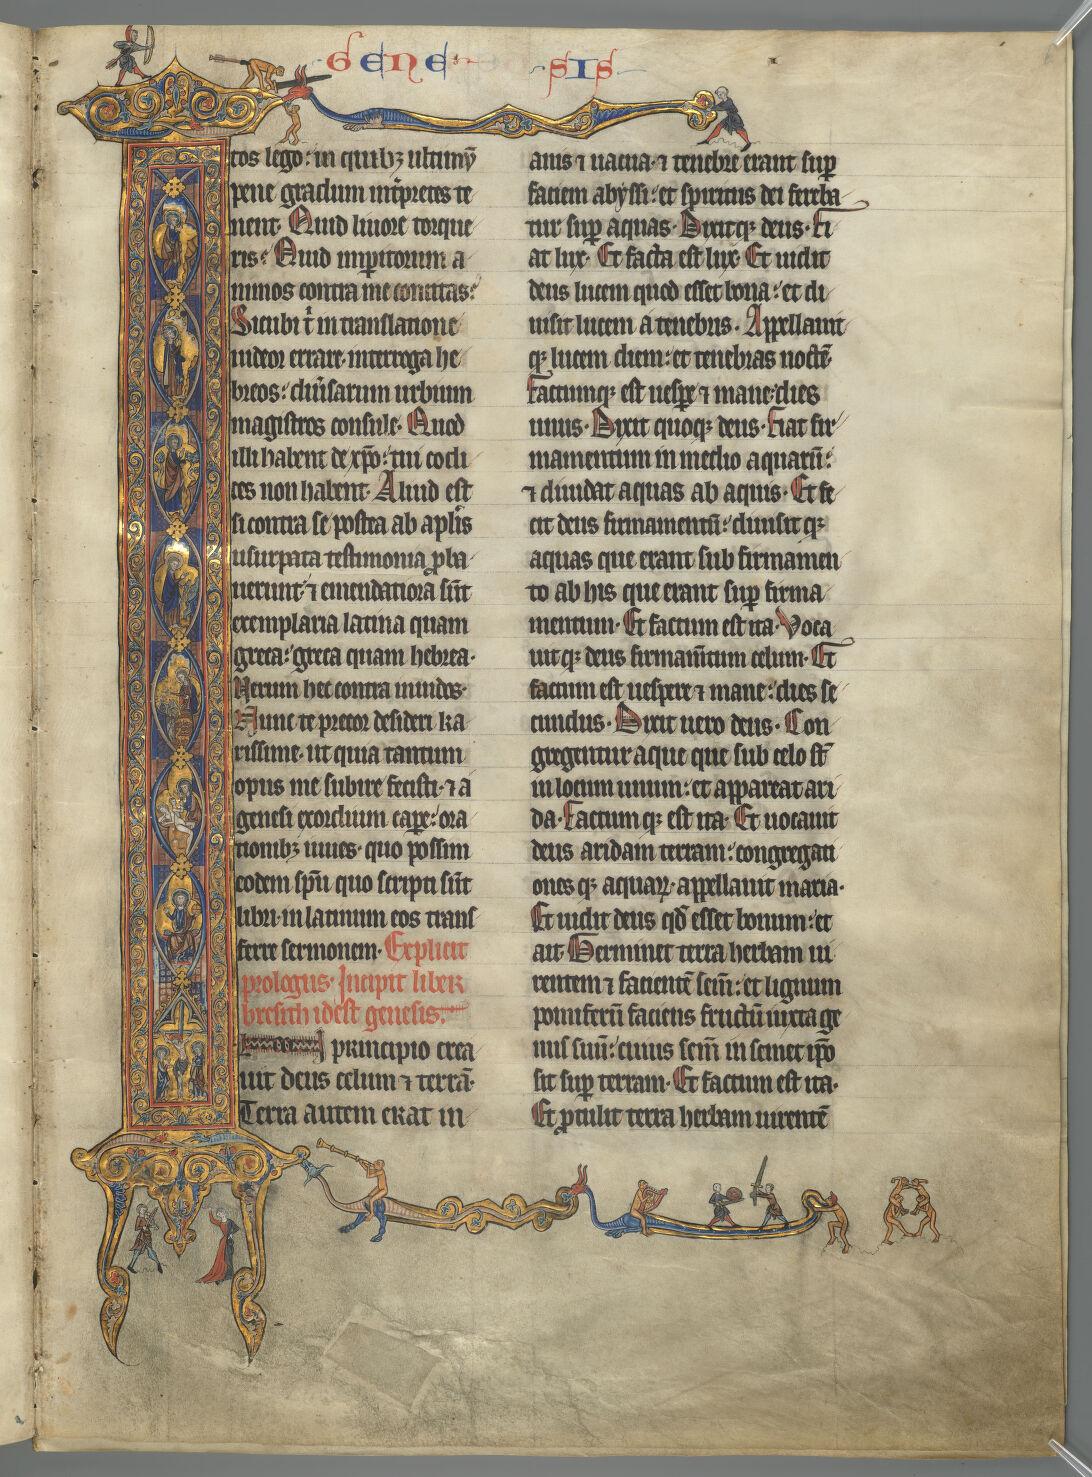 f. 5r (seq. 9)